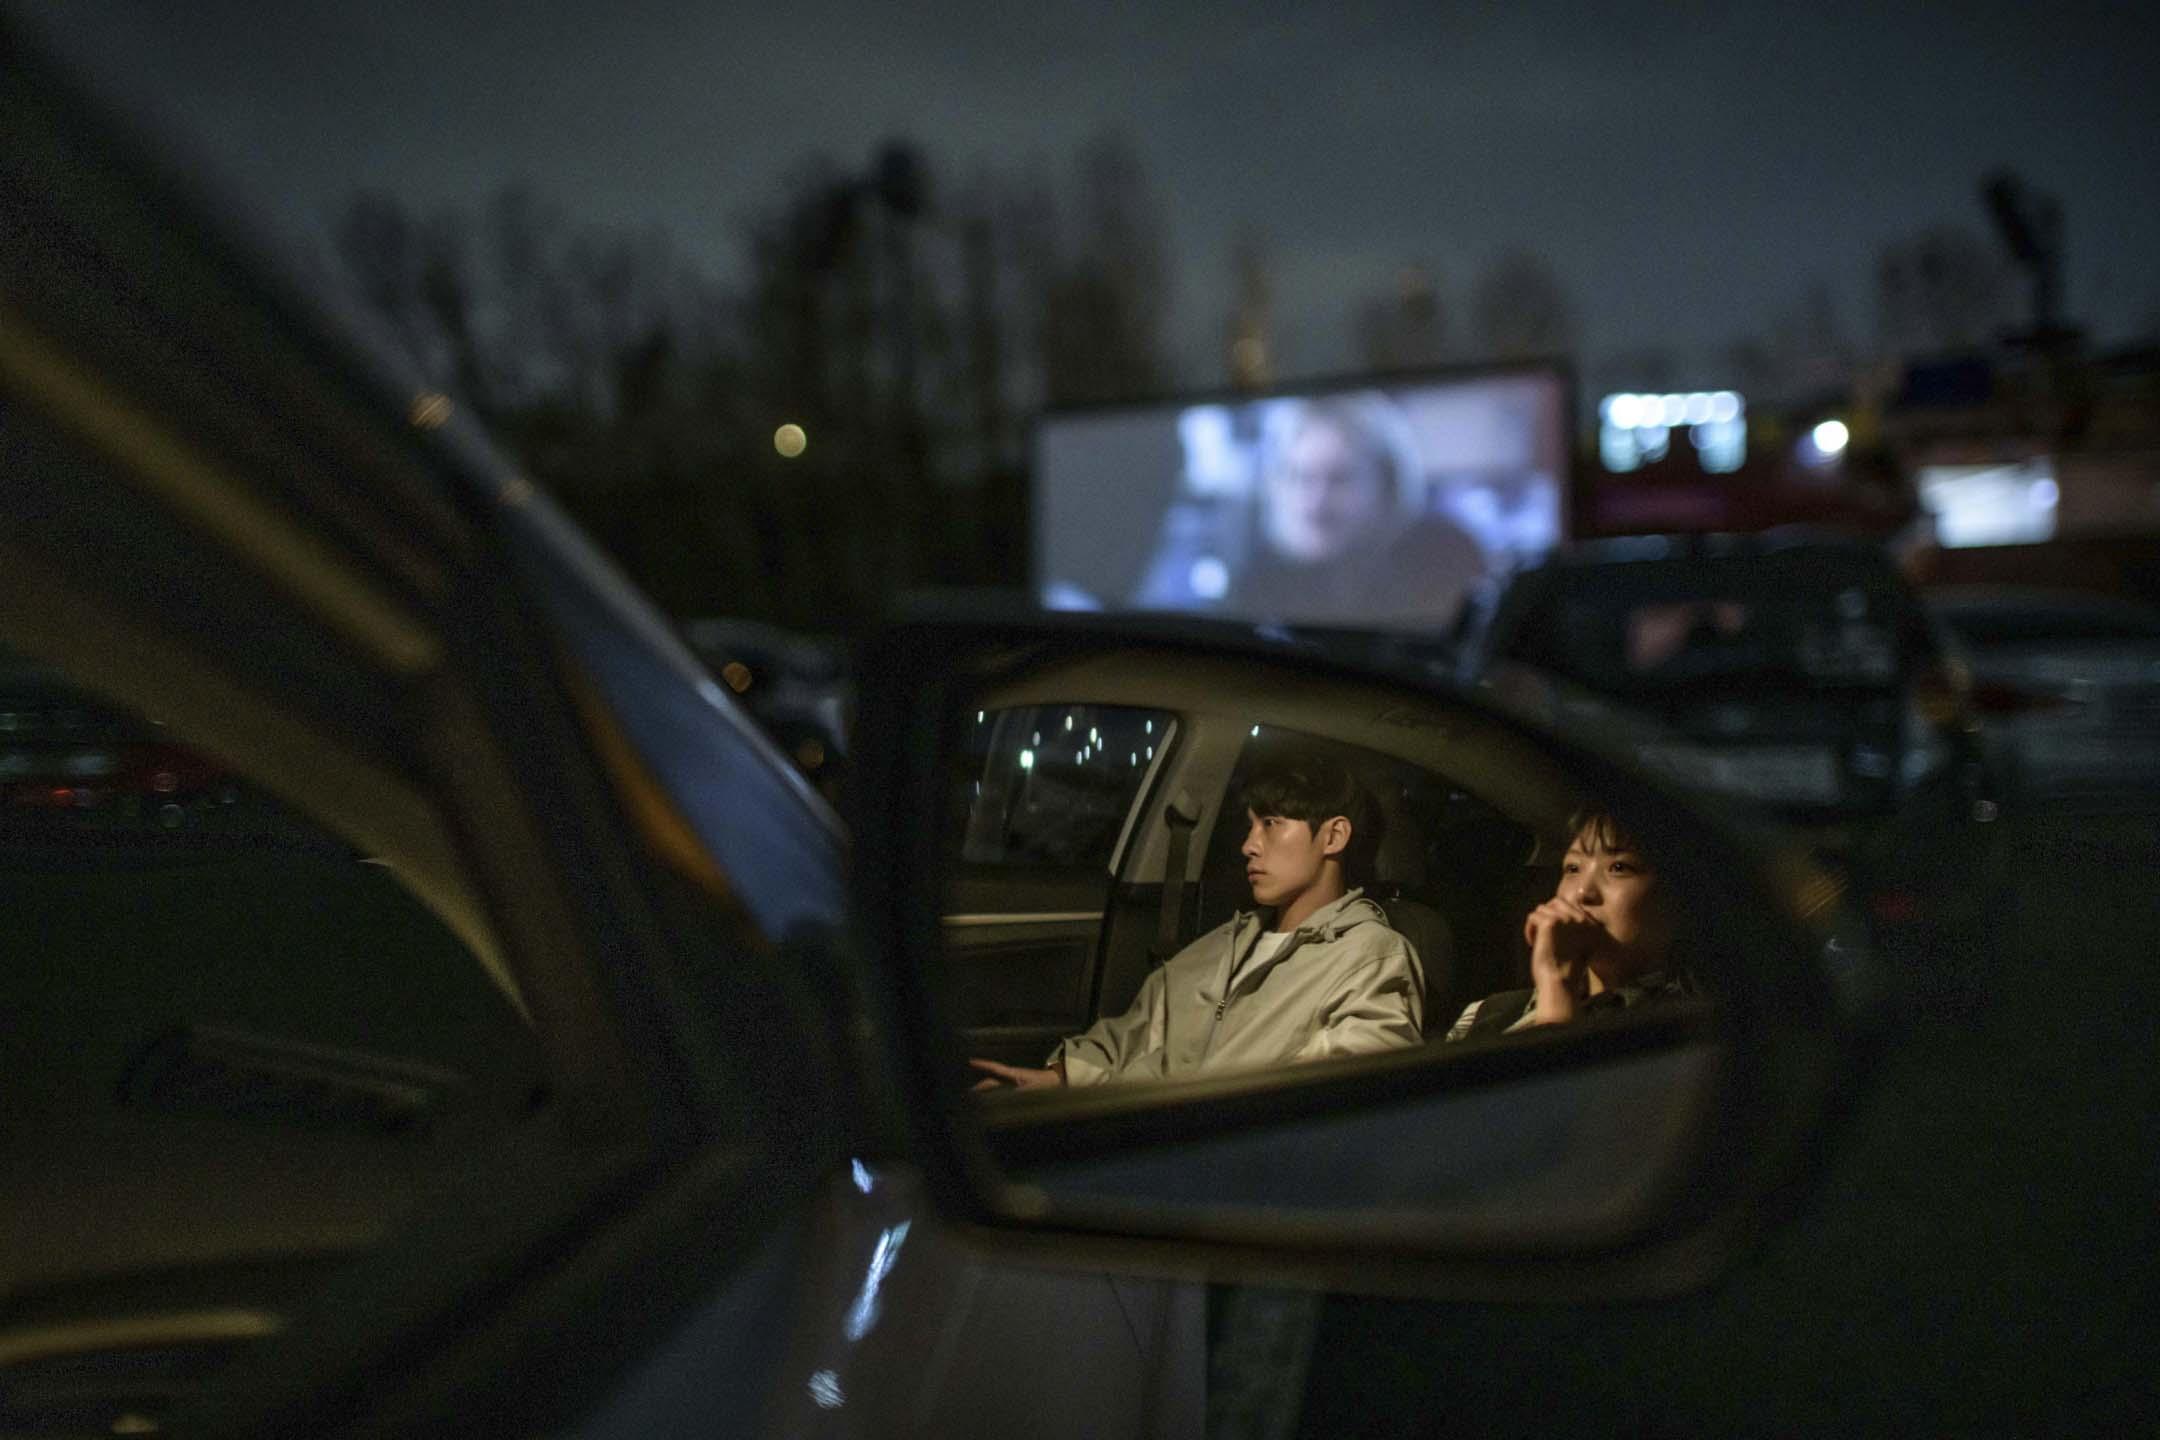 2020年3月21日,南韓首爾汽車影院,一對夫婦坐在車裡觀看電影放映。 攝:Ed Jones/AFP via Getty Images